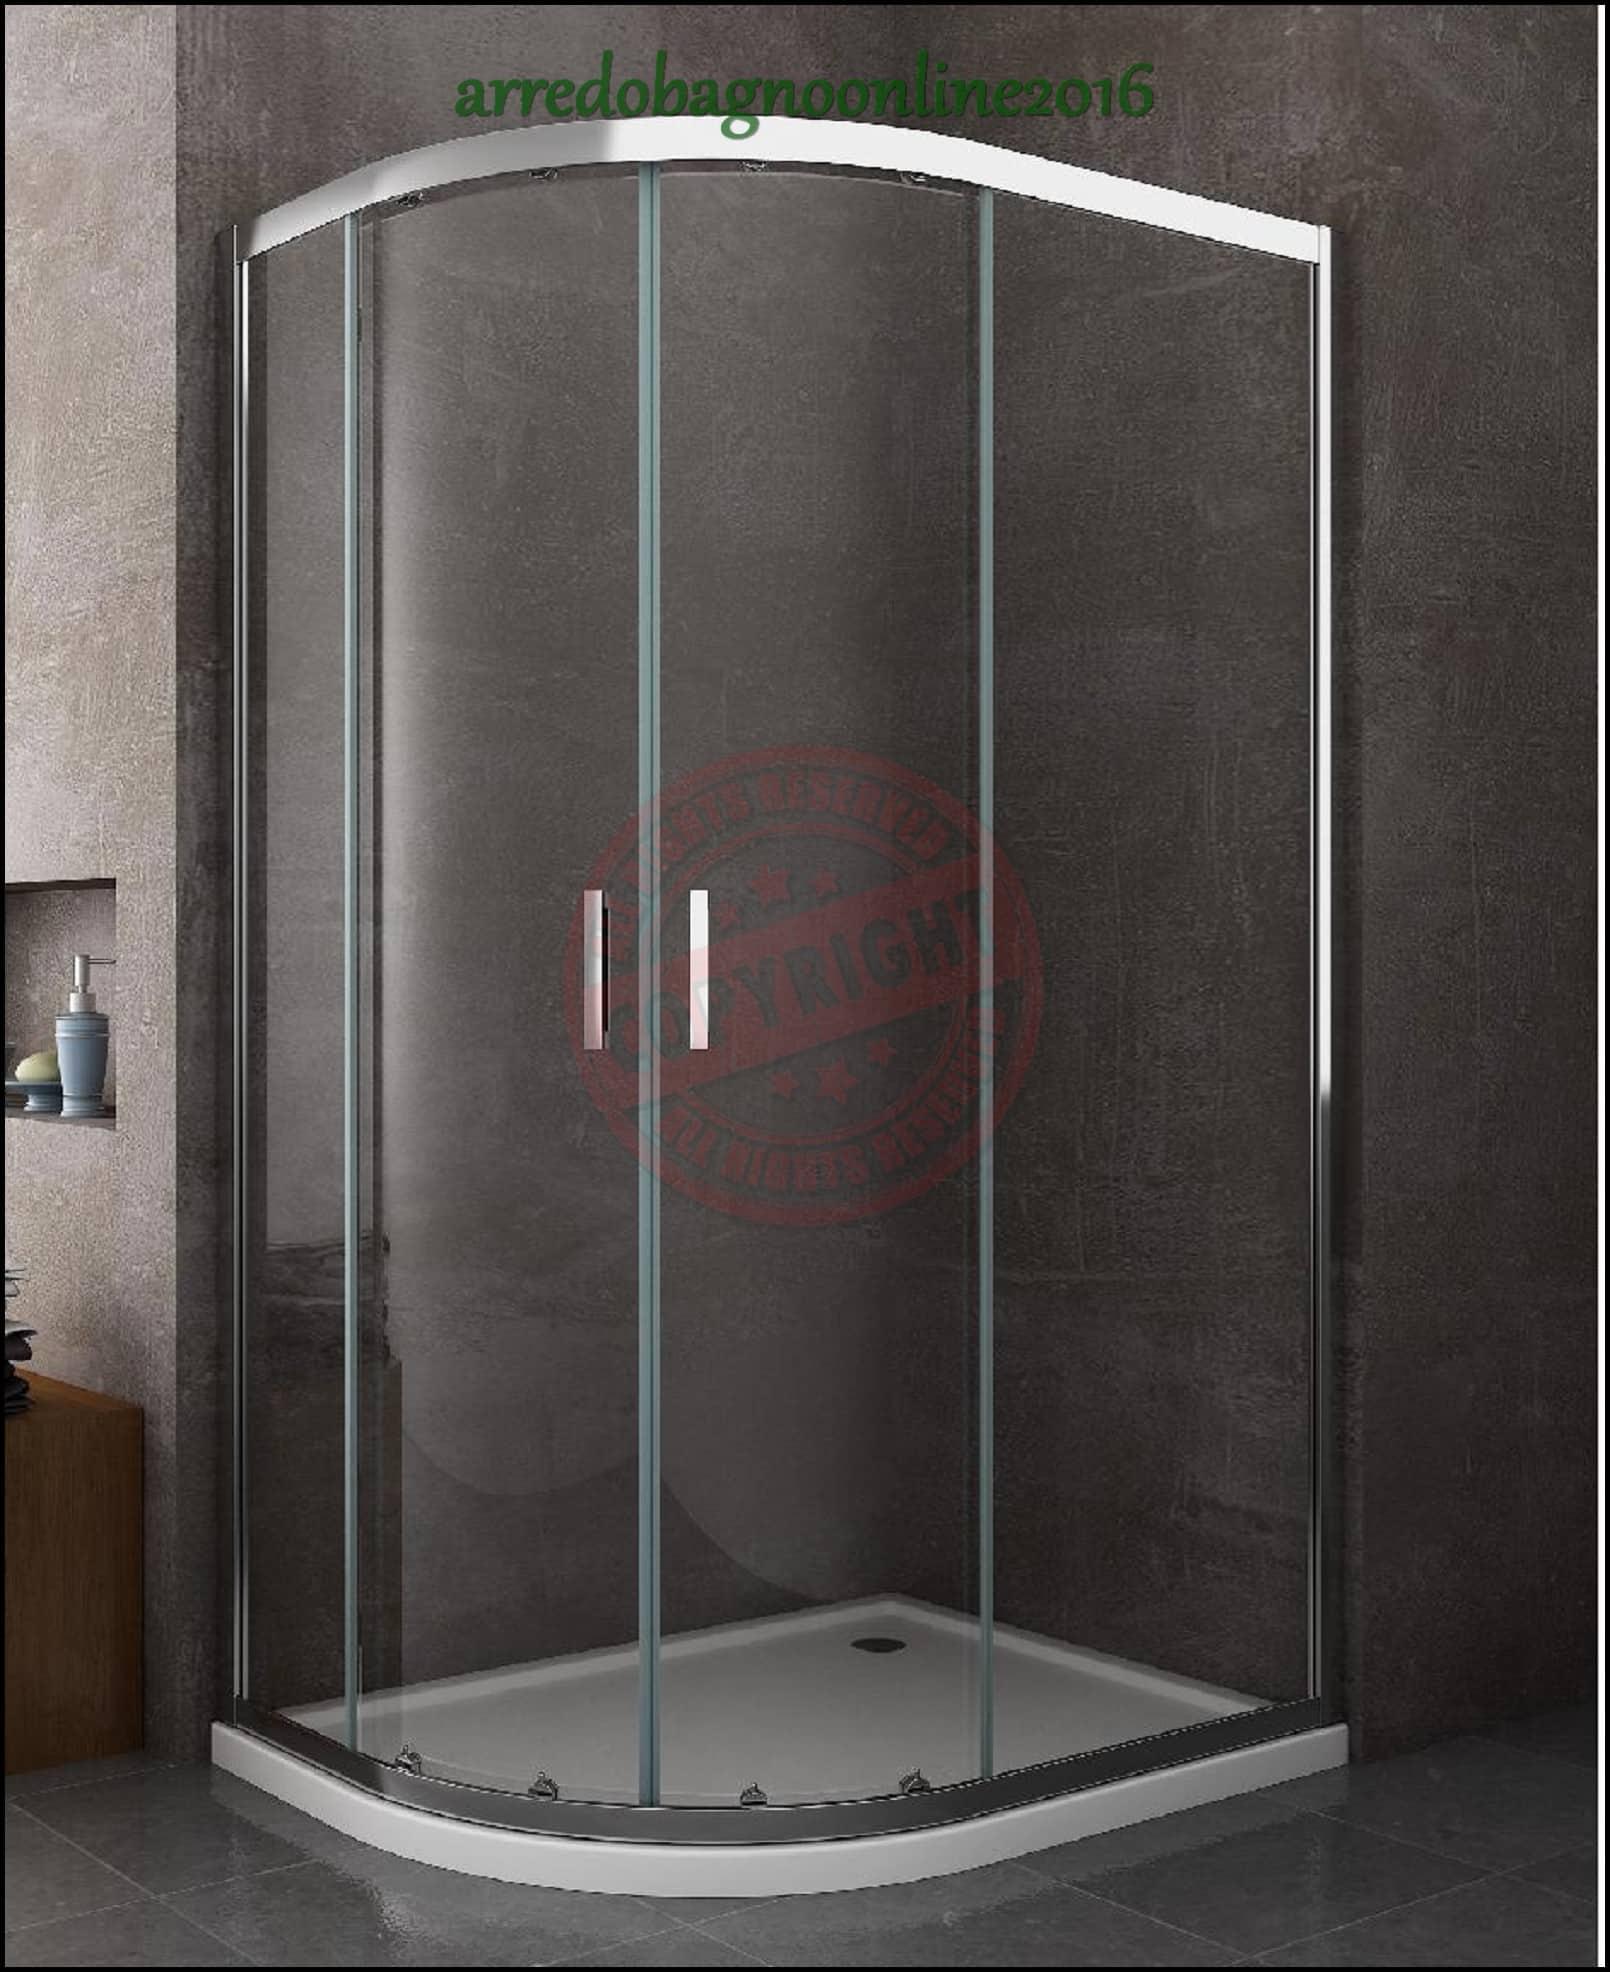 Box cabina piatto doccia incluso 80x120 destro curvo asimmetrico semicircolare ebay - Box doccia senza piatto ...